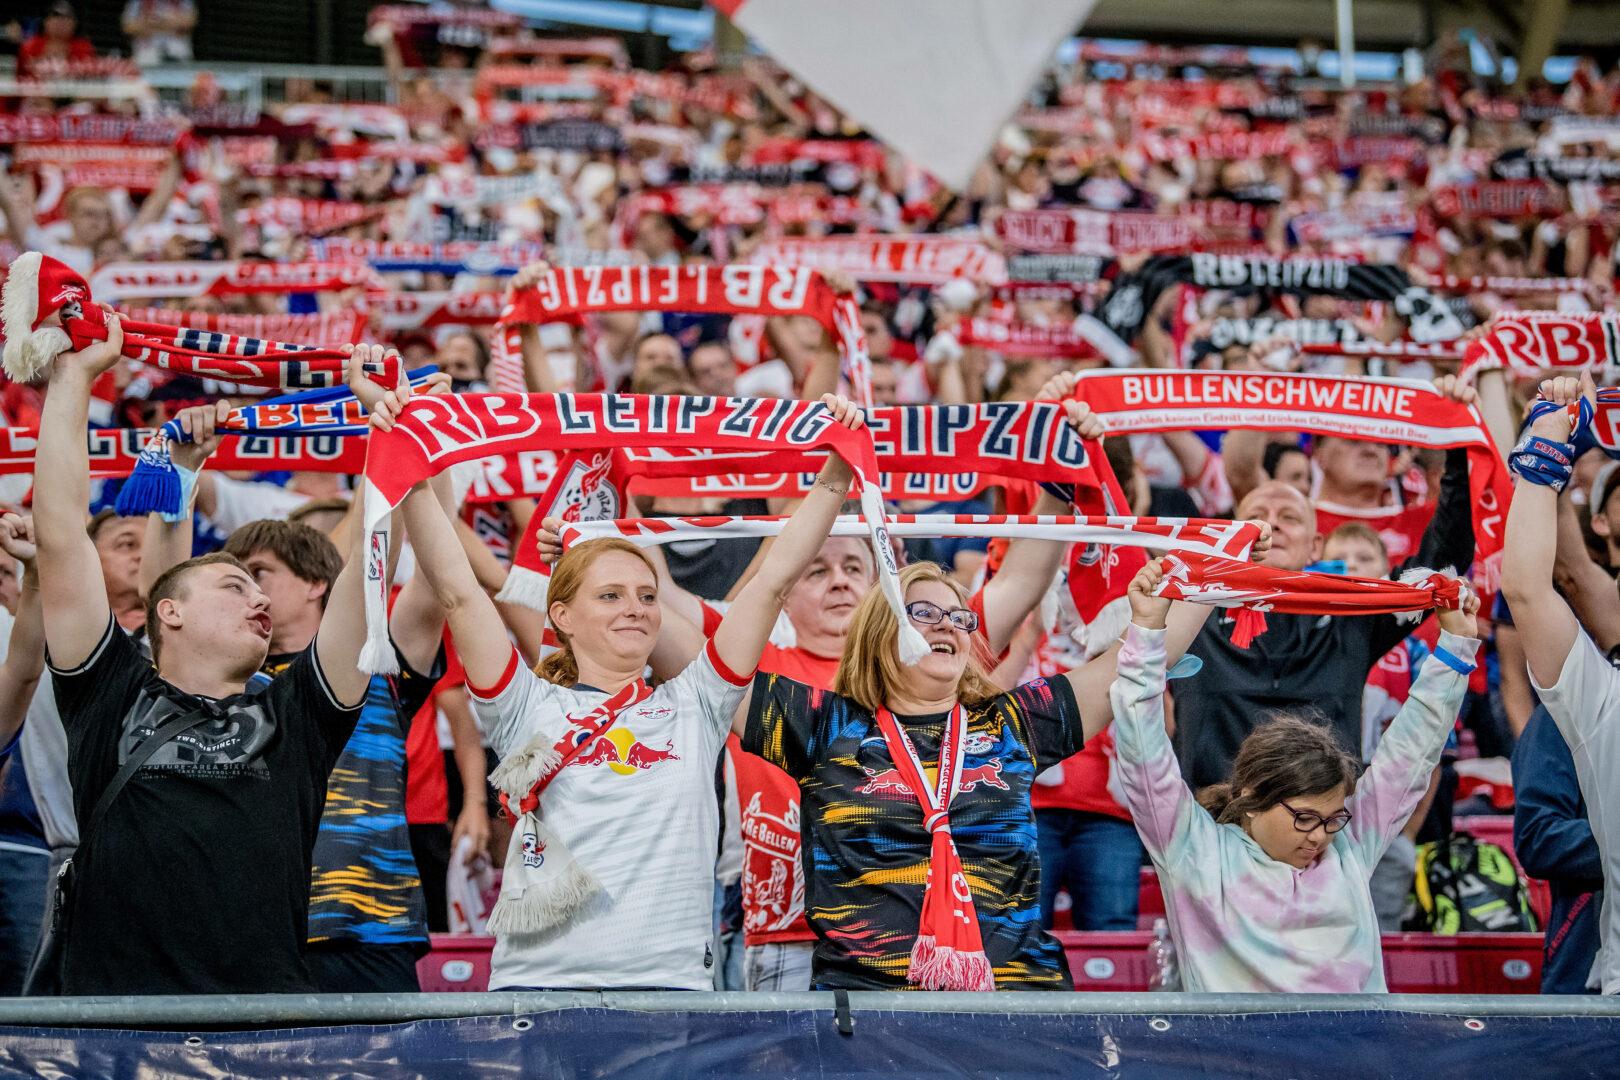 Die Fans von RB Leipzig unterstützen ihre Mannschaft.